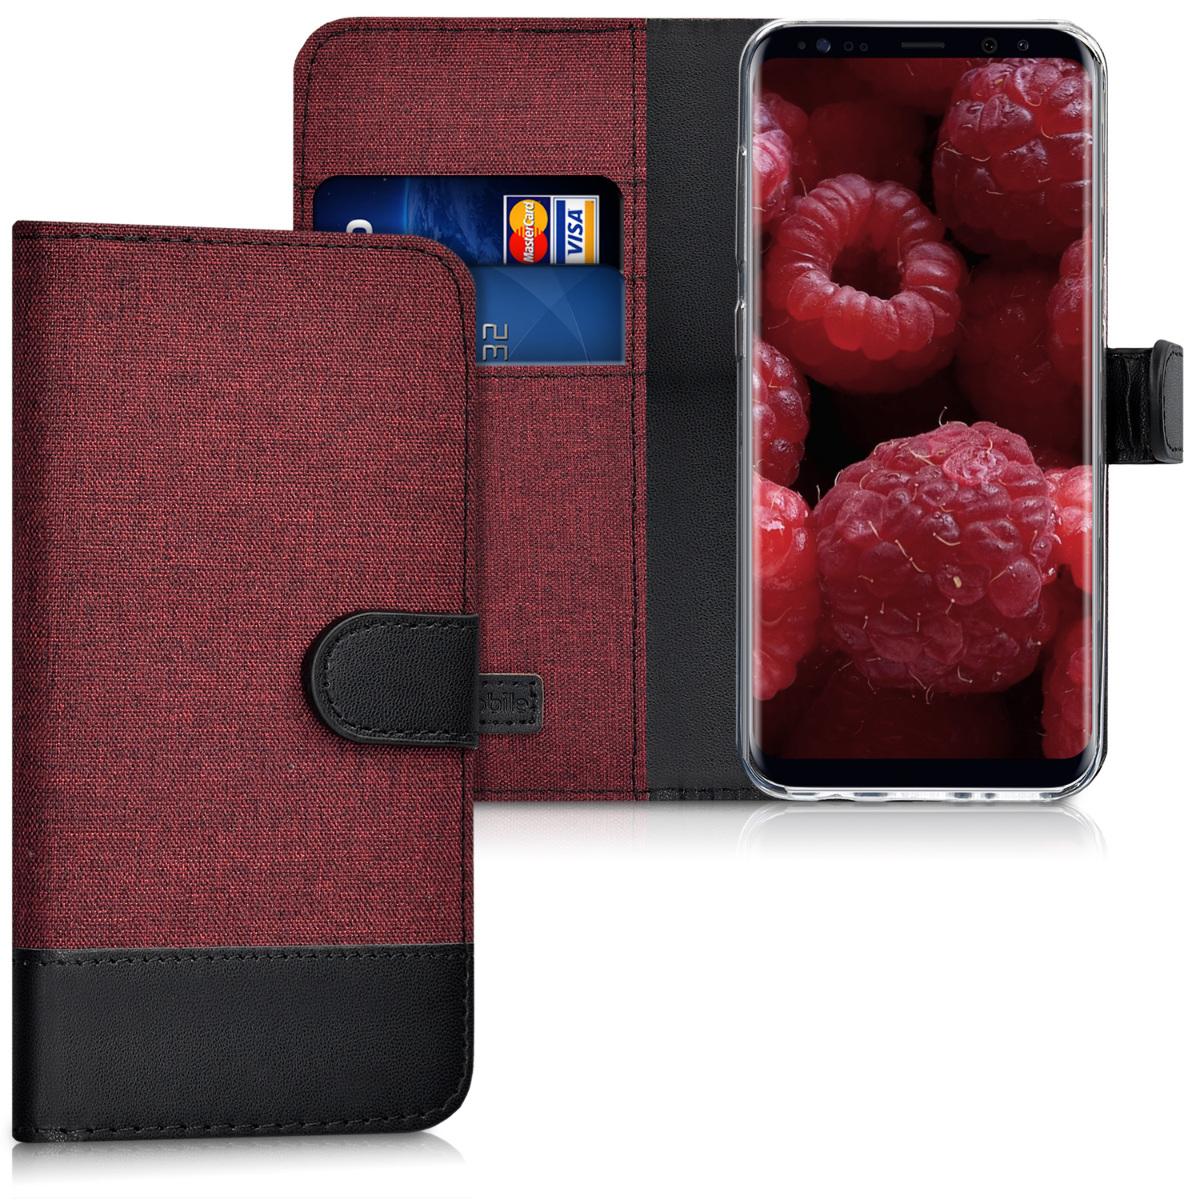 Fabricpouzdro pro Samsung S8 - tmavě červené / černé